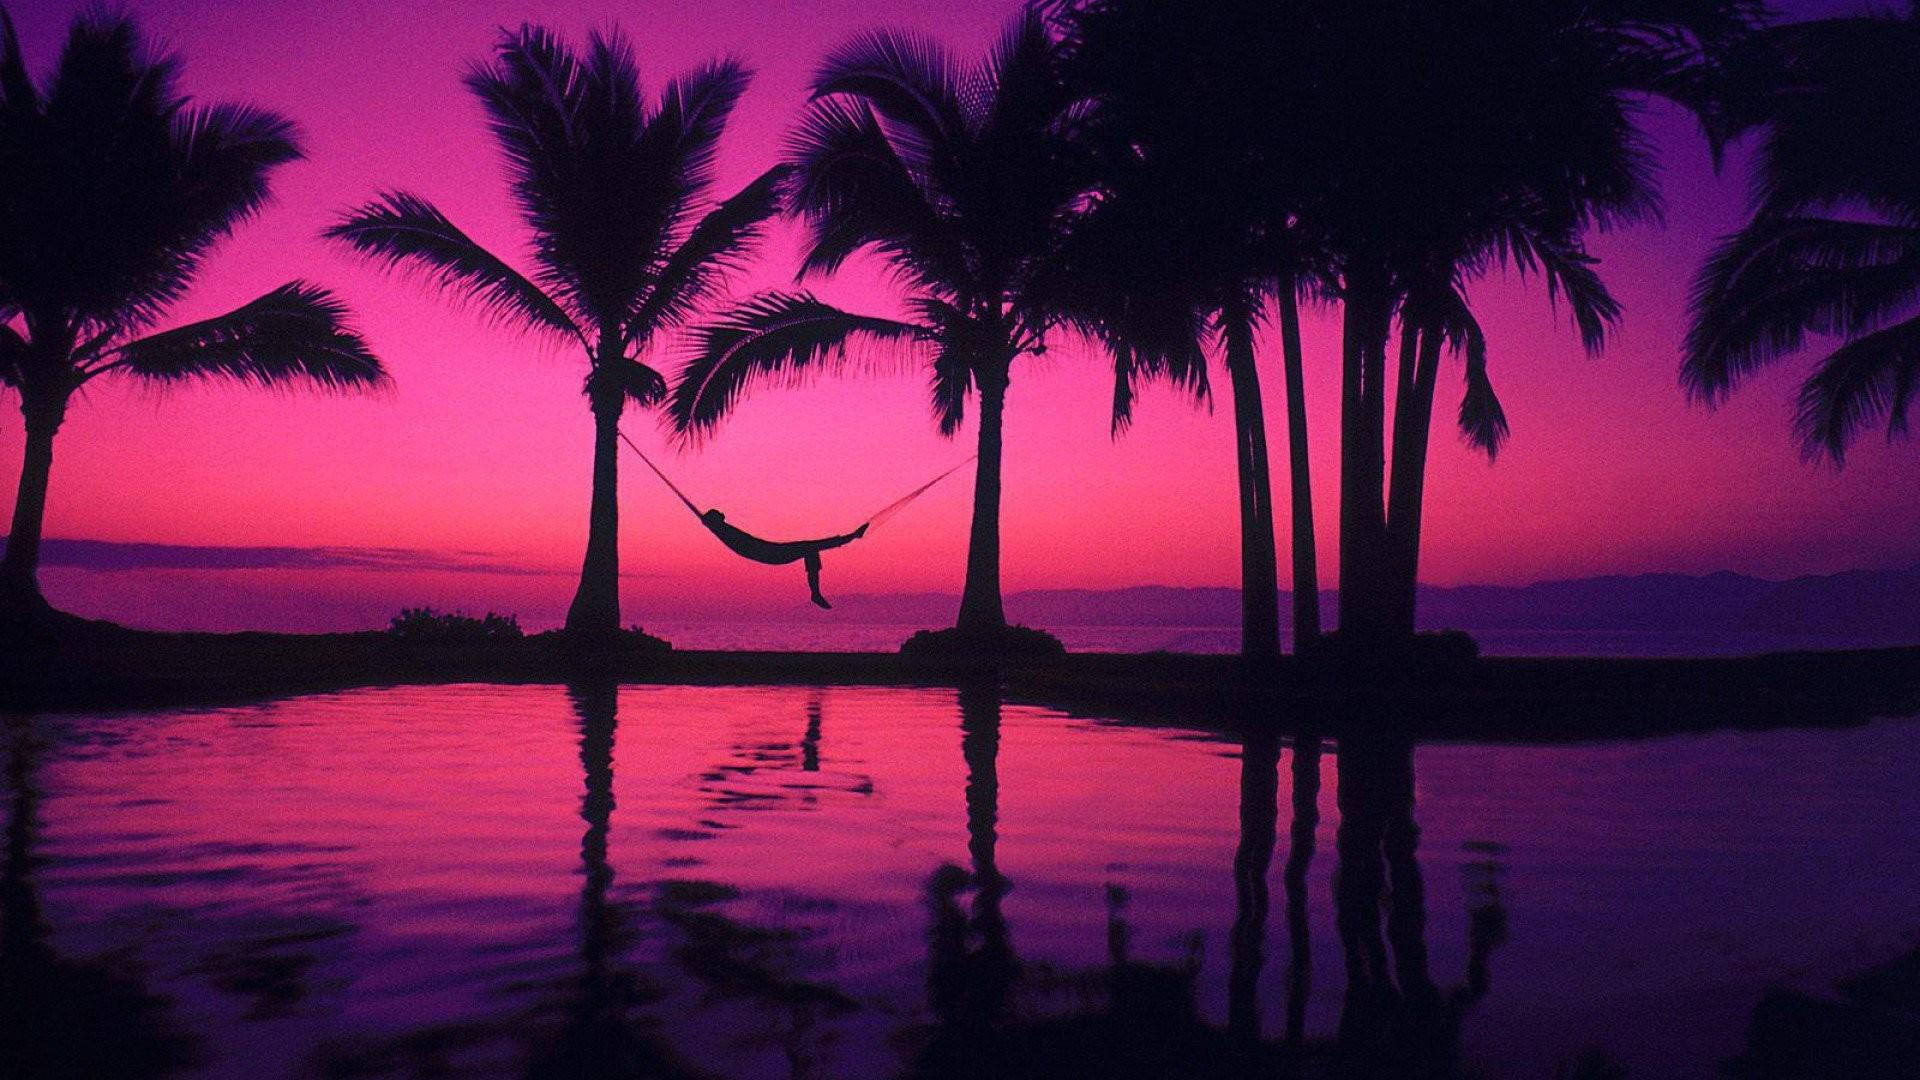 ピンクと紫の夕日を背景 壁紙ビクトリアシークレット 19x1080 Wallpapertip